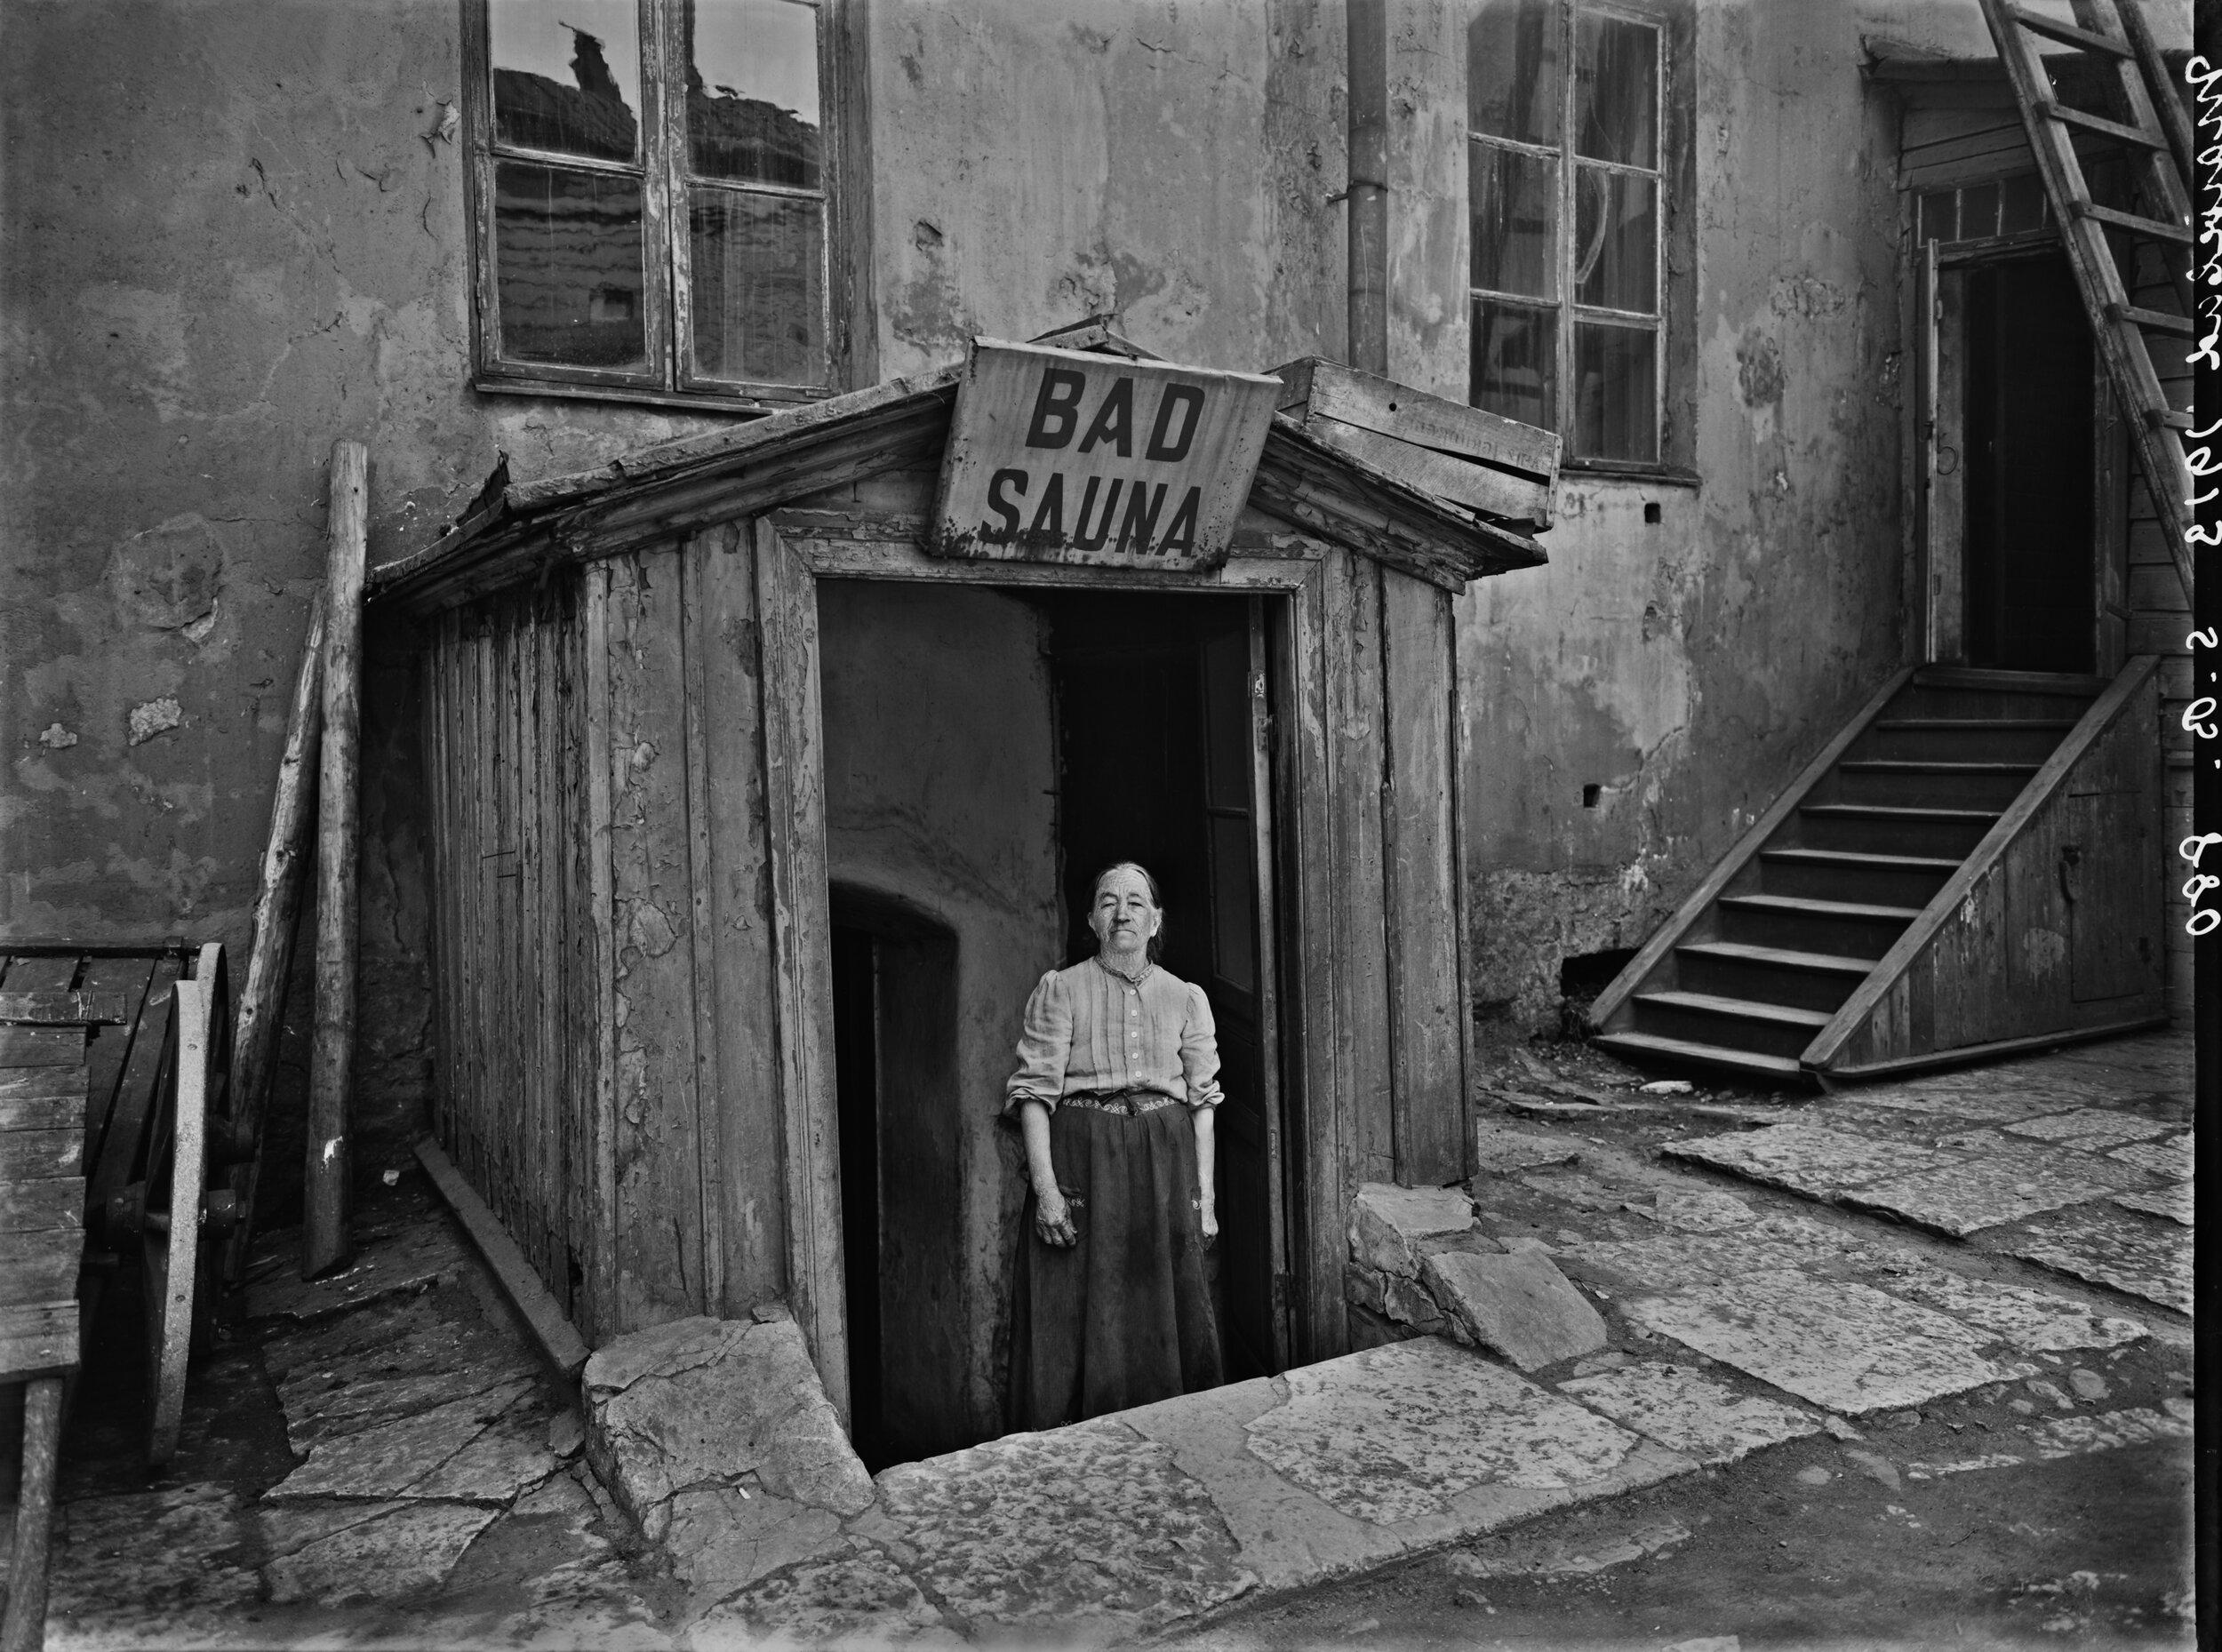 Sauna Marie-Badin sisäänkäynti pihan puolelta.jpg